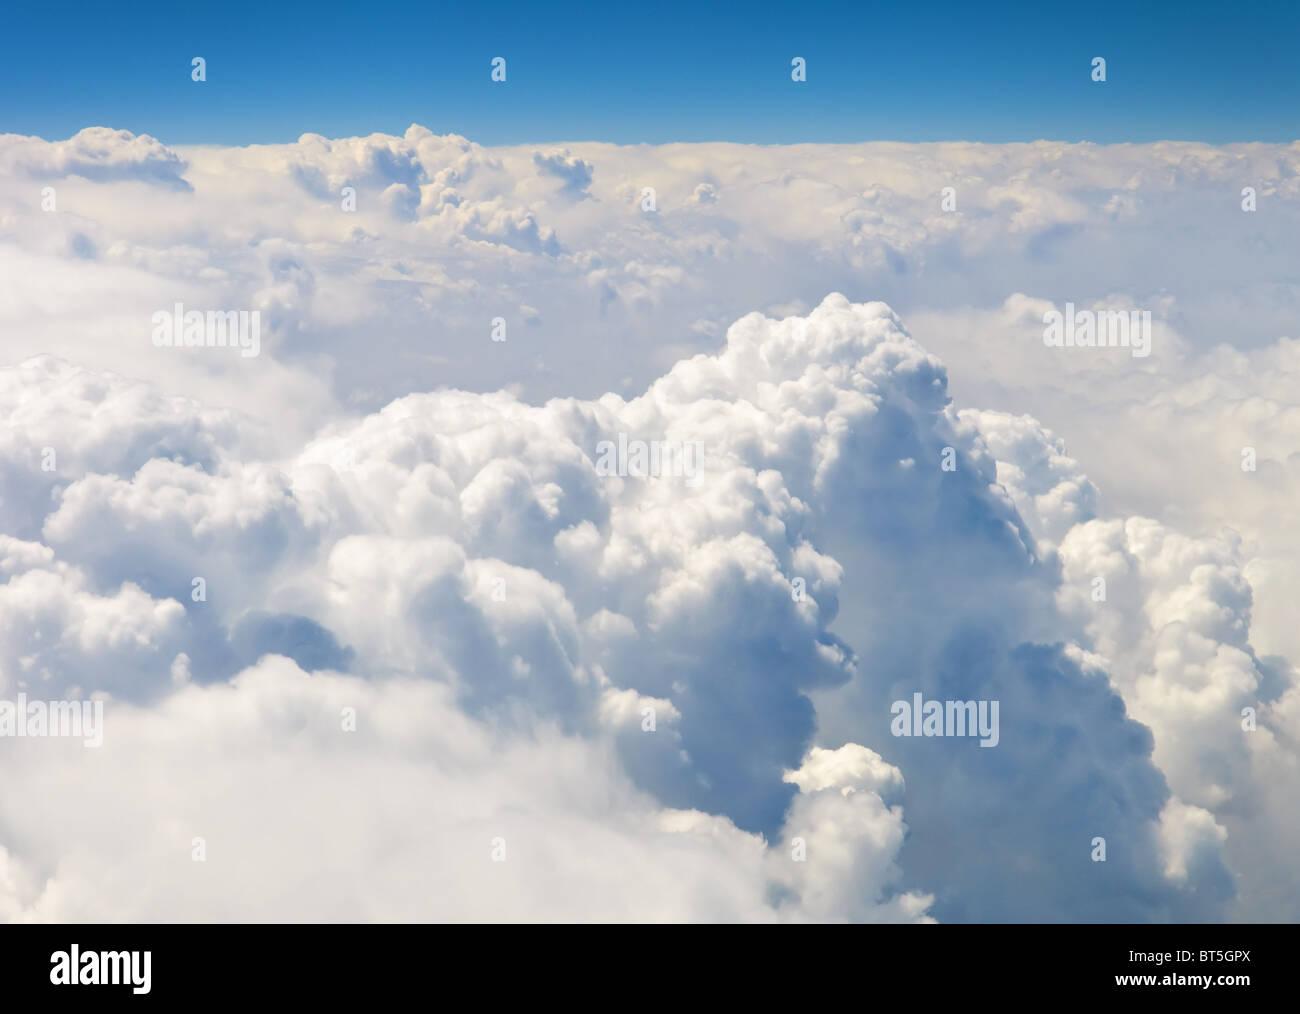 Ambiente - Fondo de Cielo y nubes Imagen De Stock